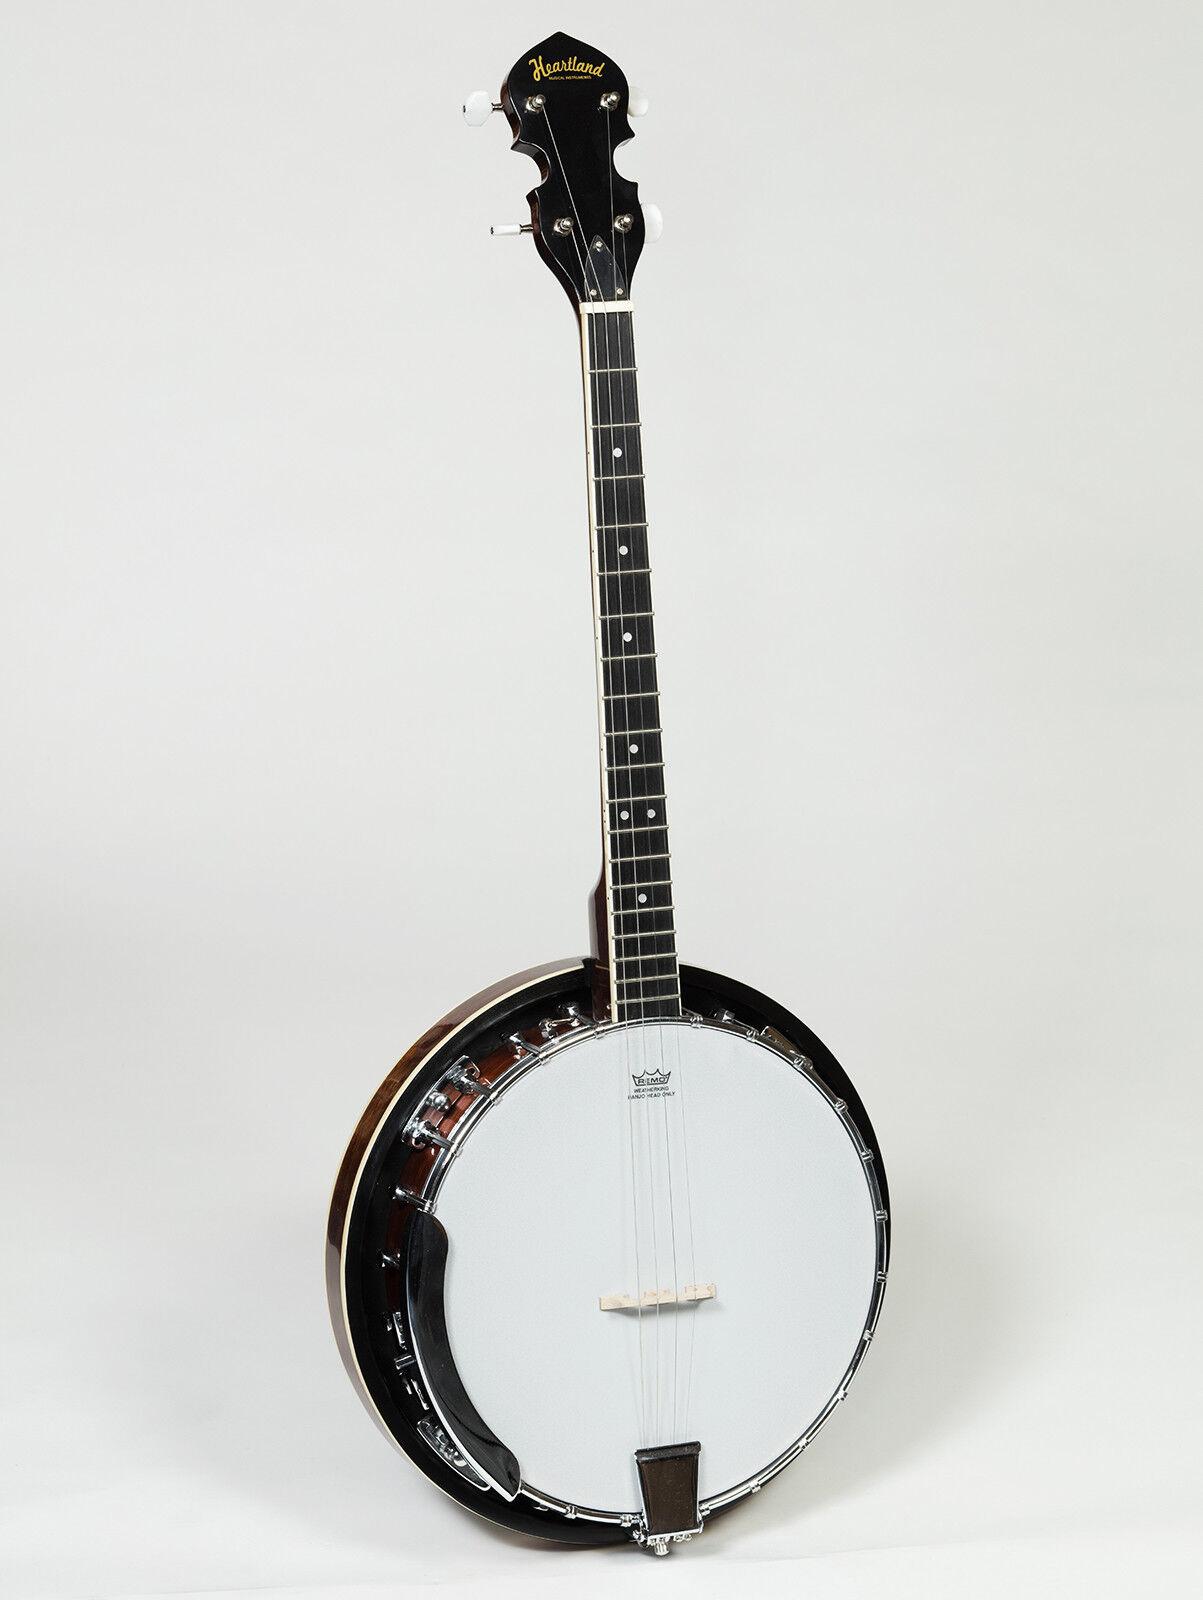 New Heartland Banjo, 5 String Banjo, 4 String tenor Banjo, Tenor Banjo With Case 4 Saiten Banjo mit Nylon Case